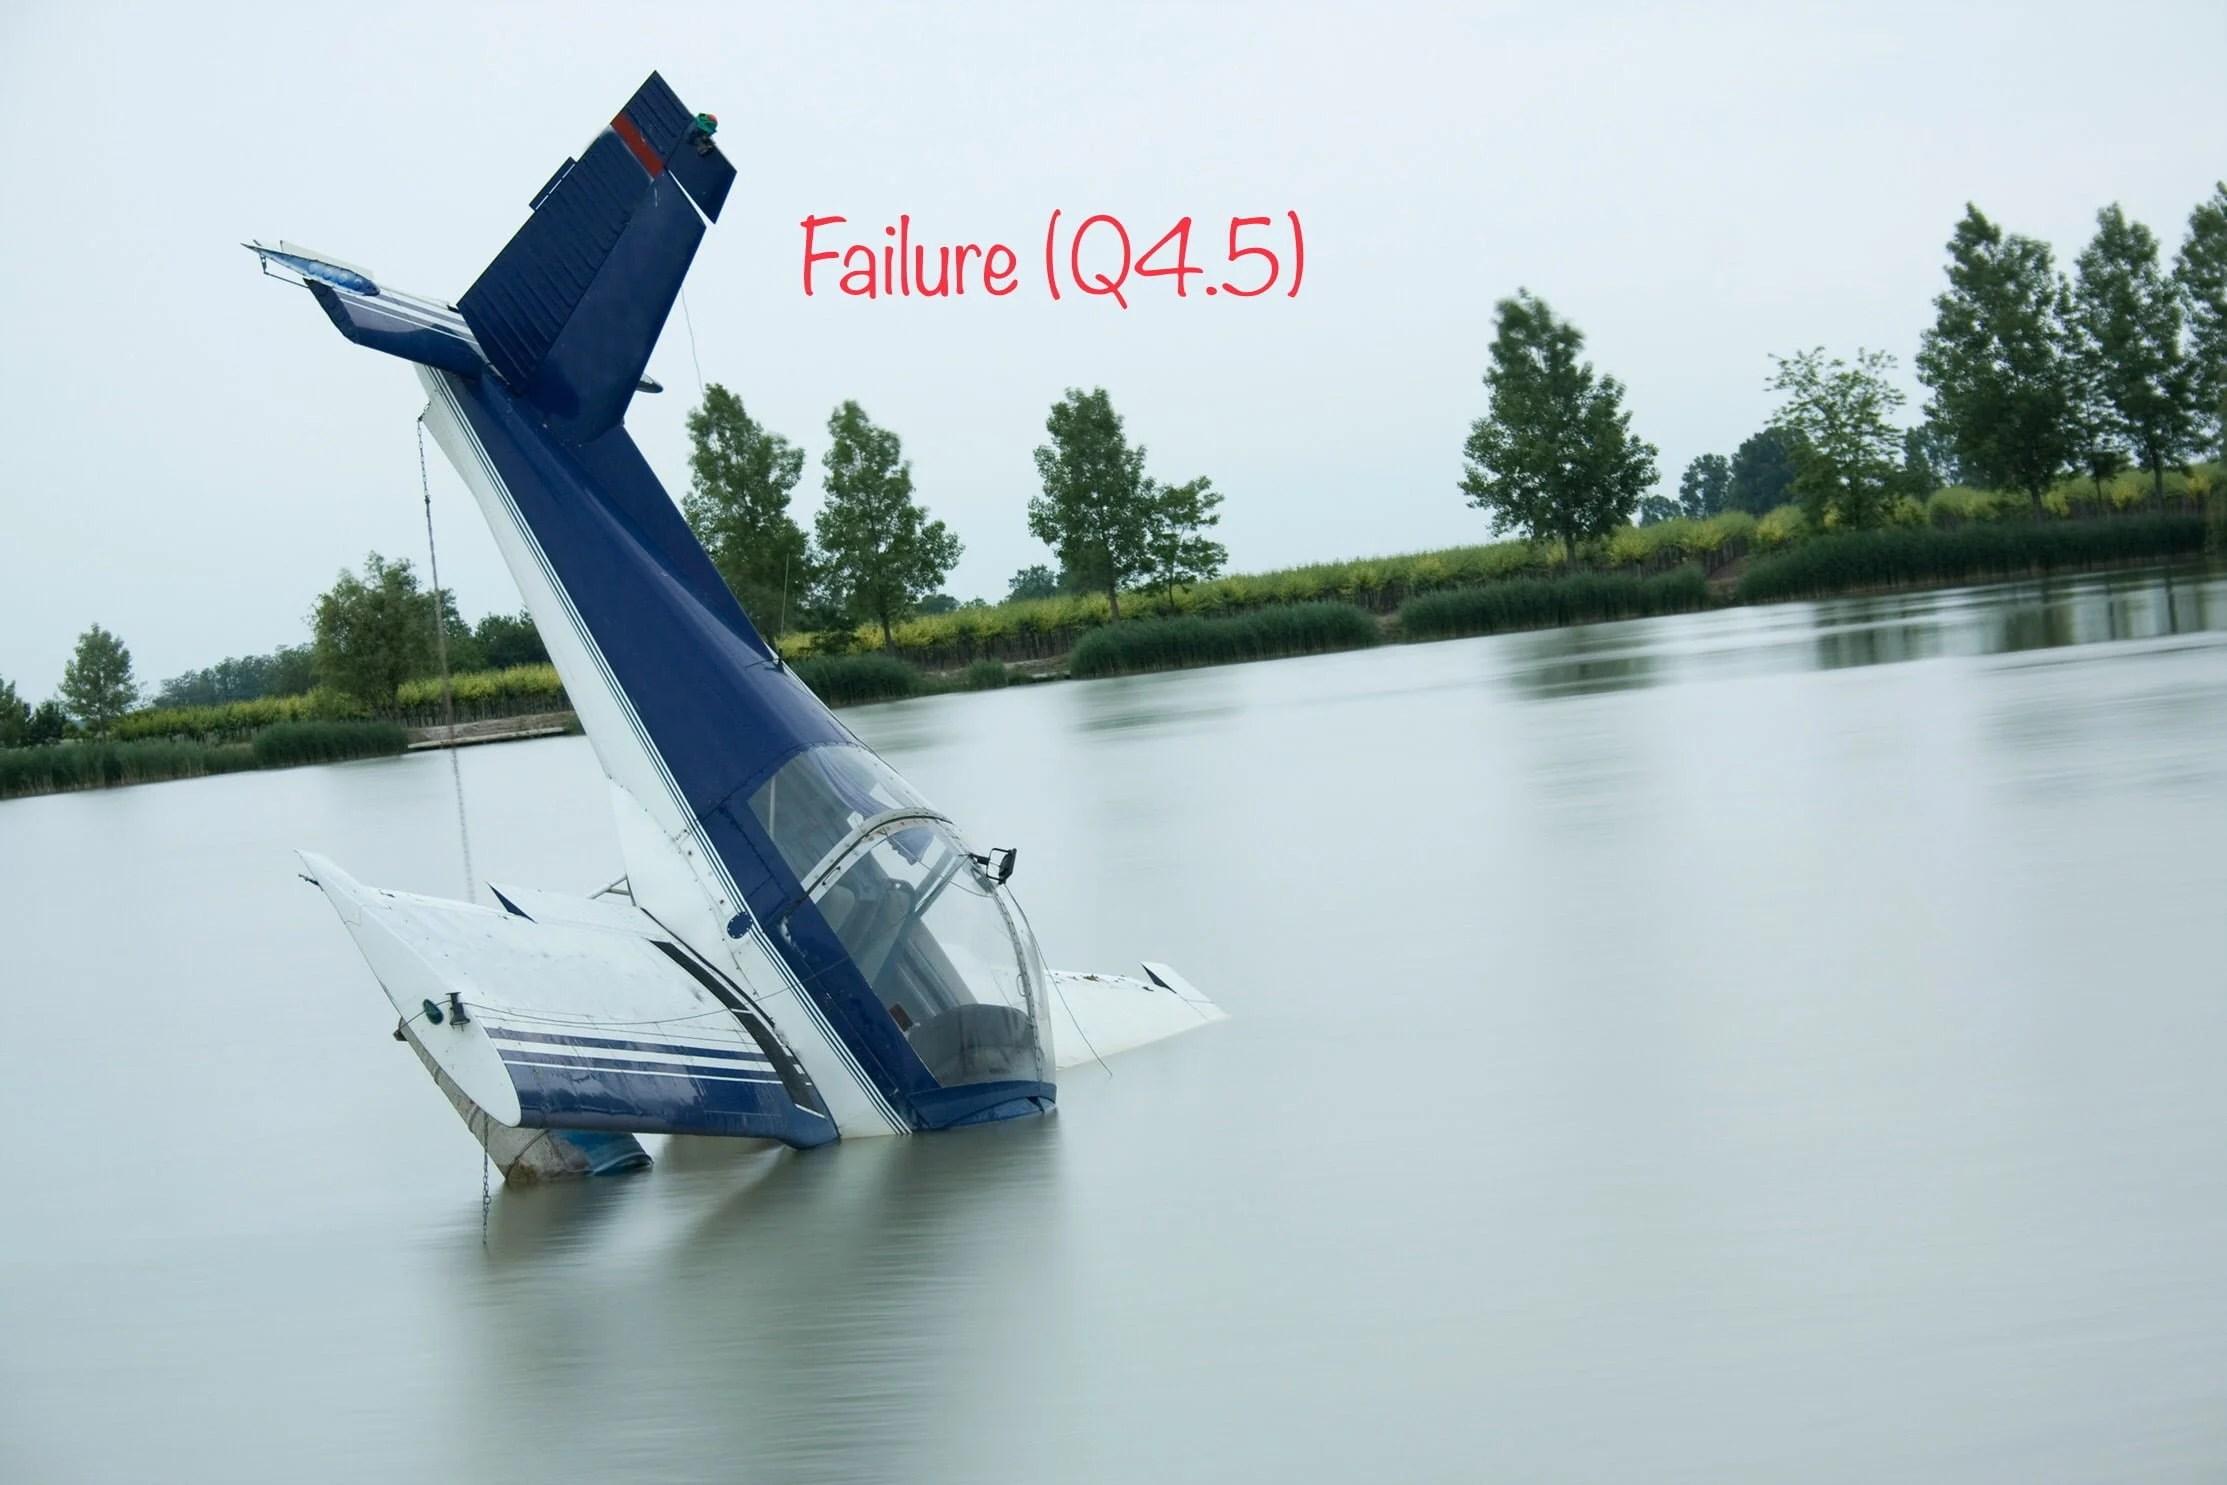 FAILURE (Q4.5)